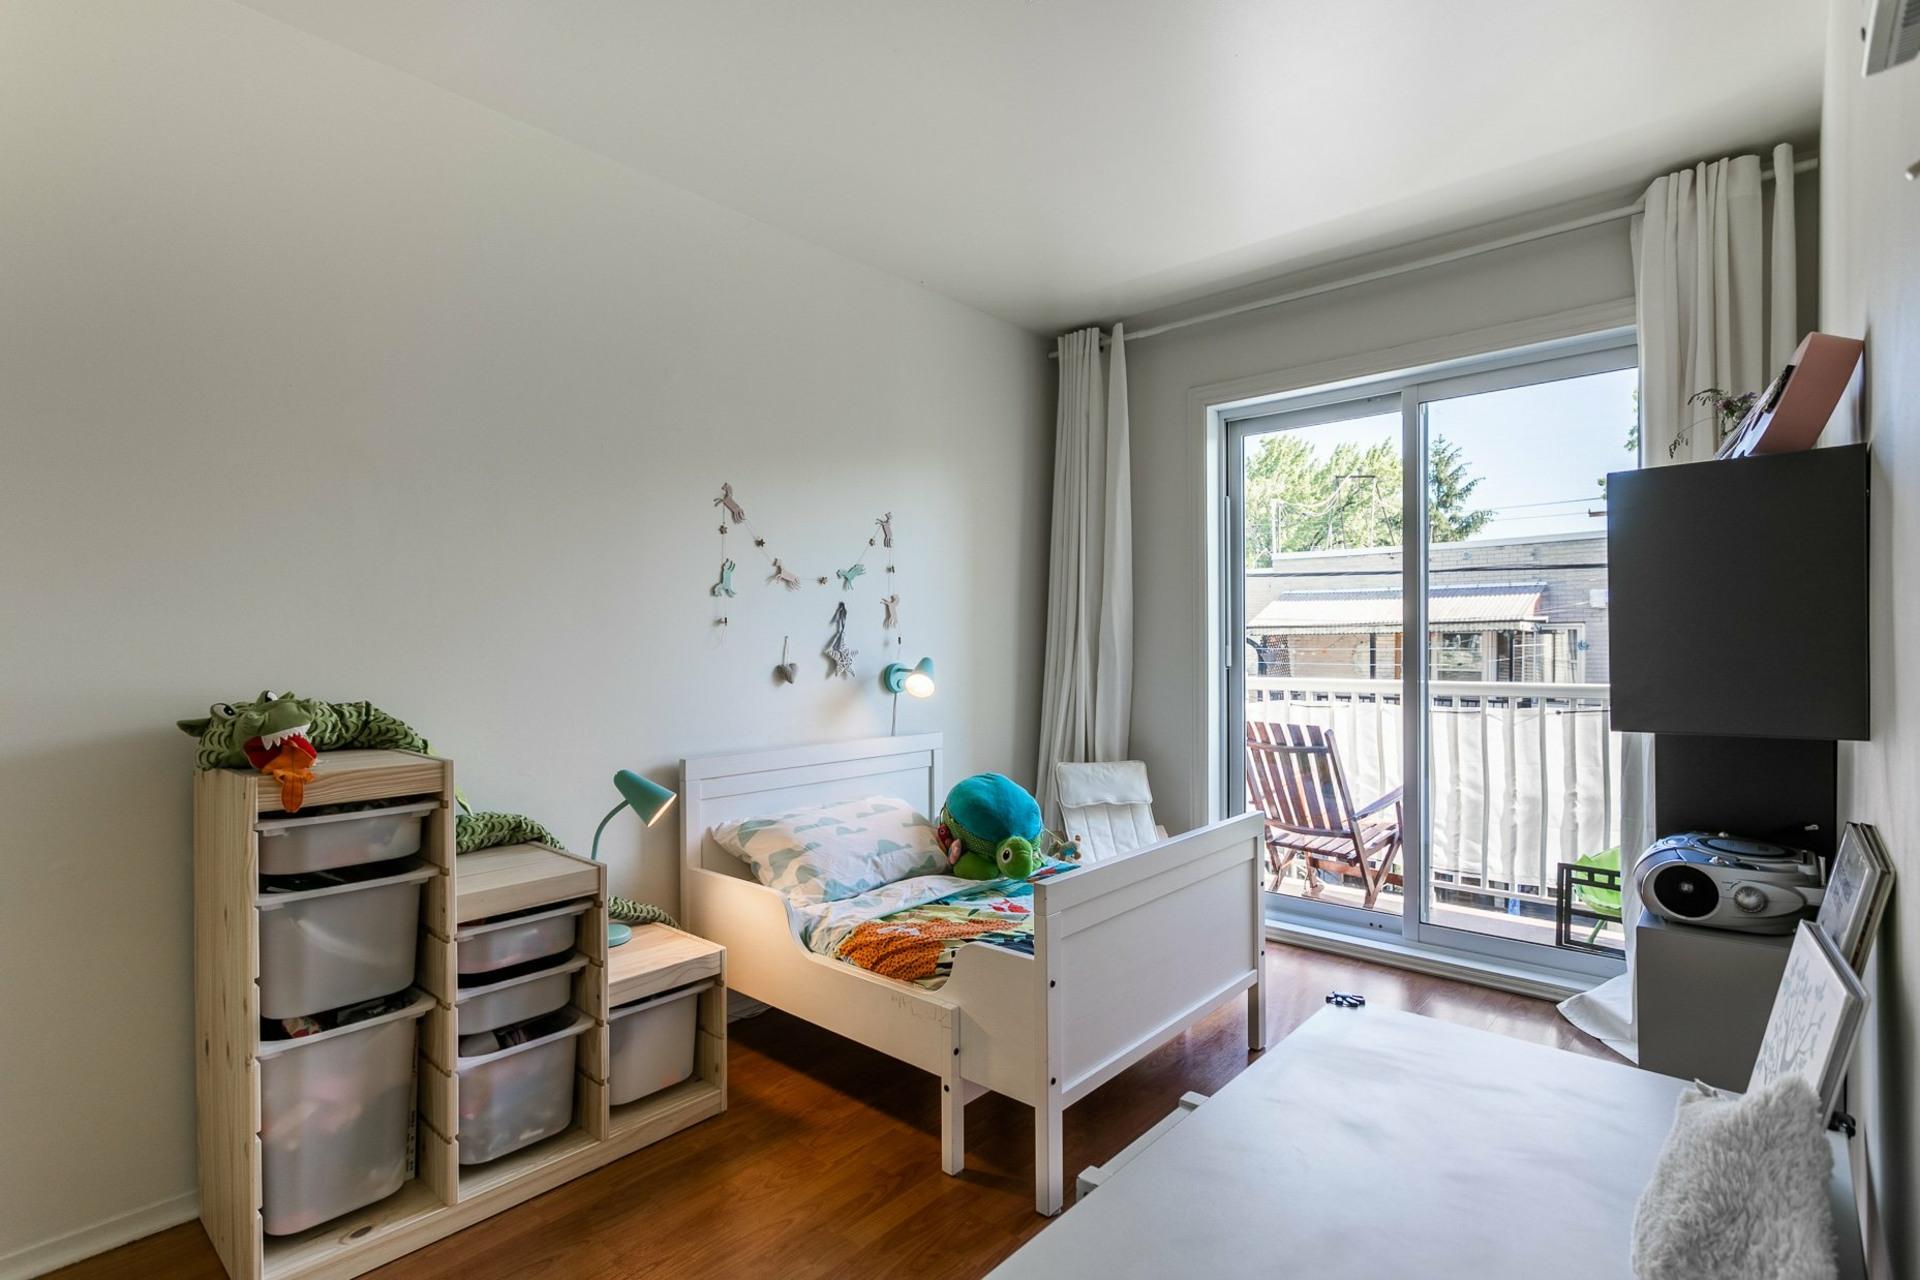 image 13 - Appartement À vendre Villeray/Saint-Michel/Parc-Extension Montréal  - 5 pièces